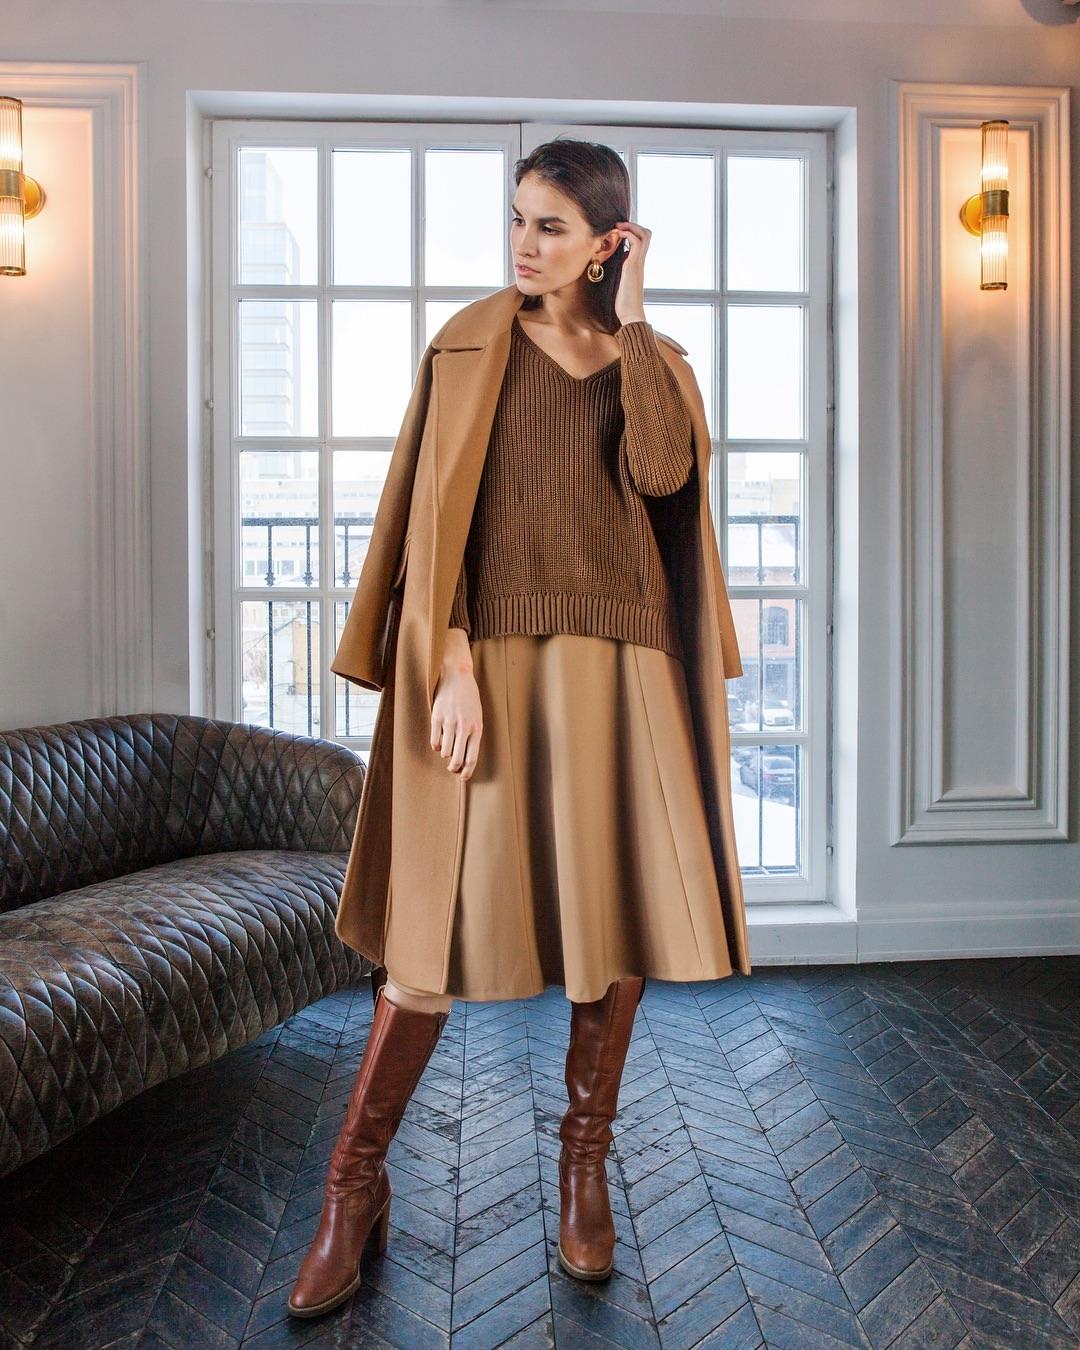 Цвет мокко в одежде: как и с чем носить наряды кофейных оттенков этой осенью фото 6